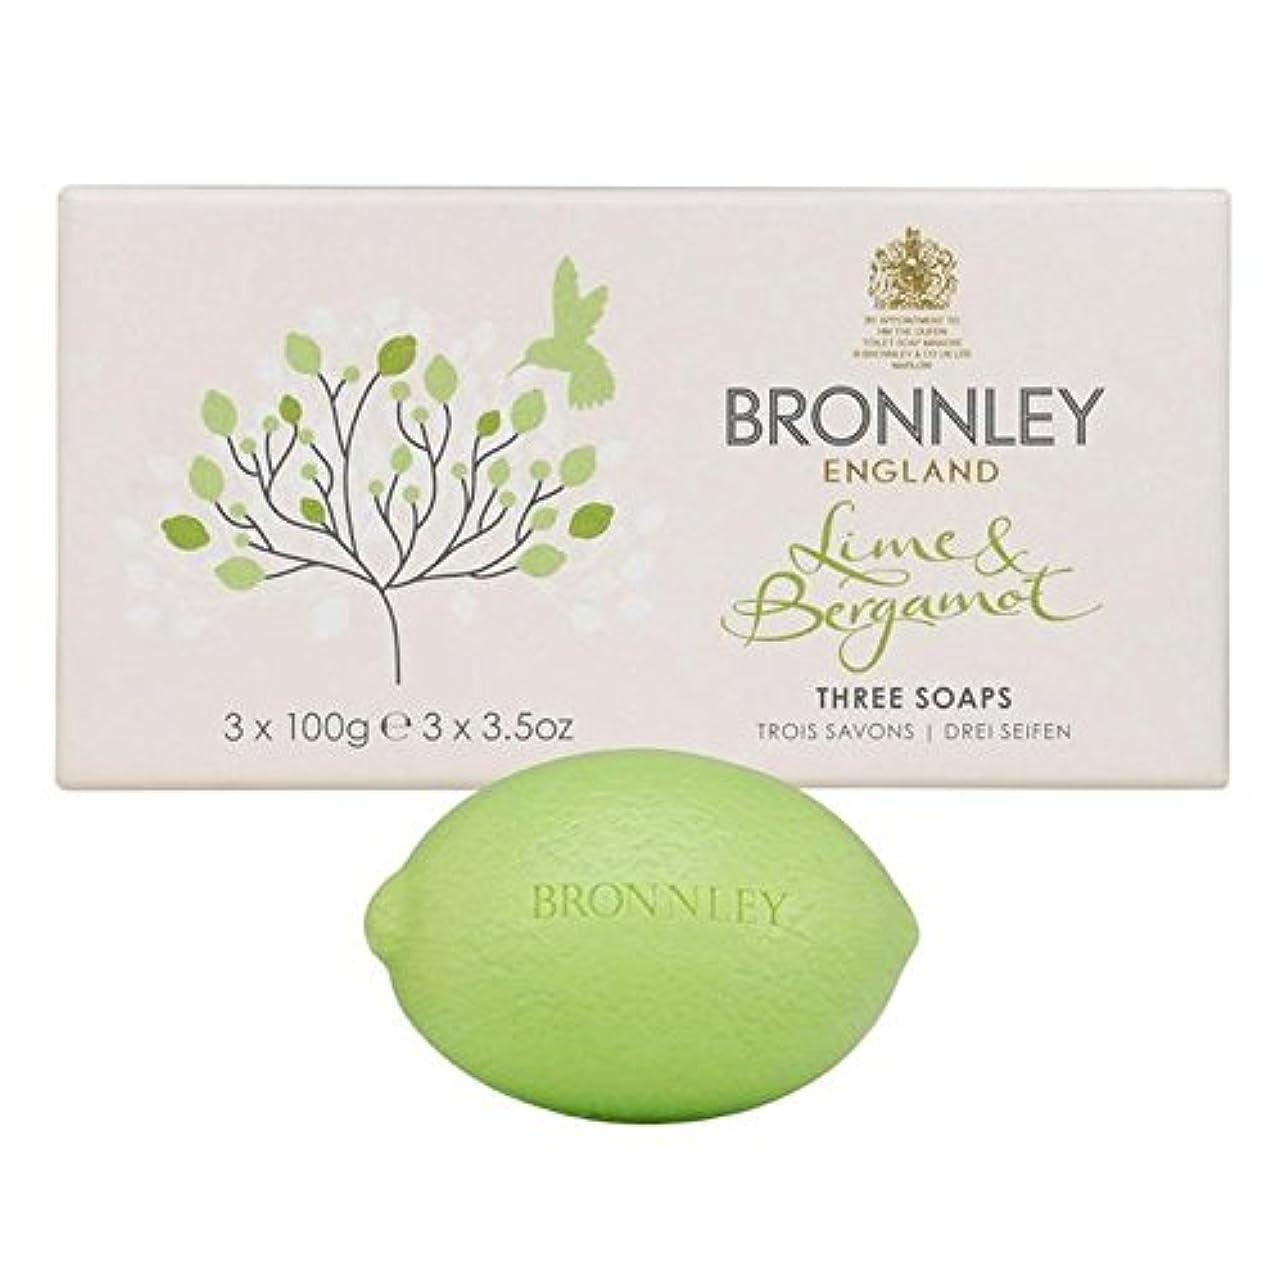 クスコシンポジウムパフライム&ベルガモット石鹸3×100グラム x2 - Bronnley Lime & Bergamot Soap 3 x 100g (Pack of 2) [並行輸入品]